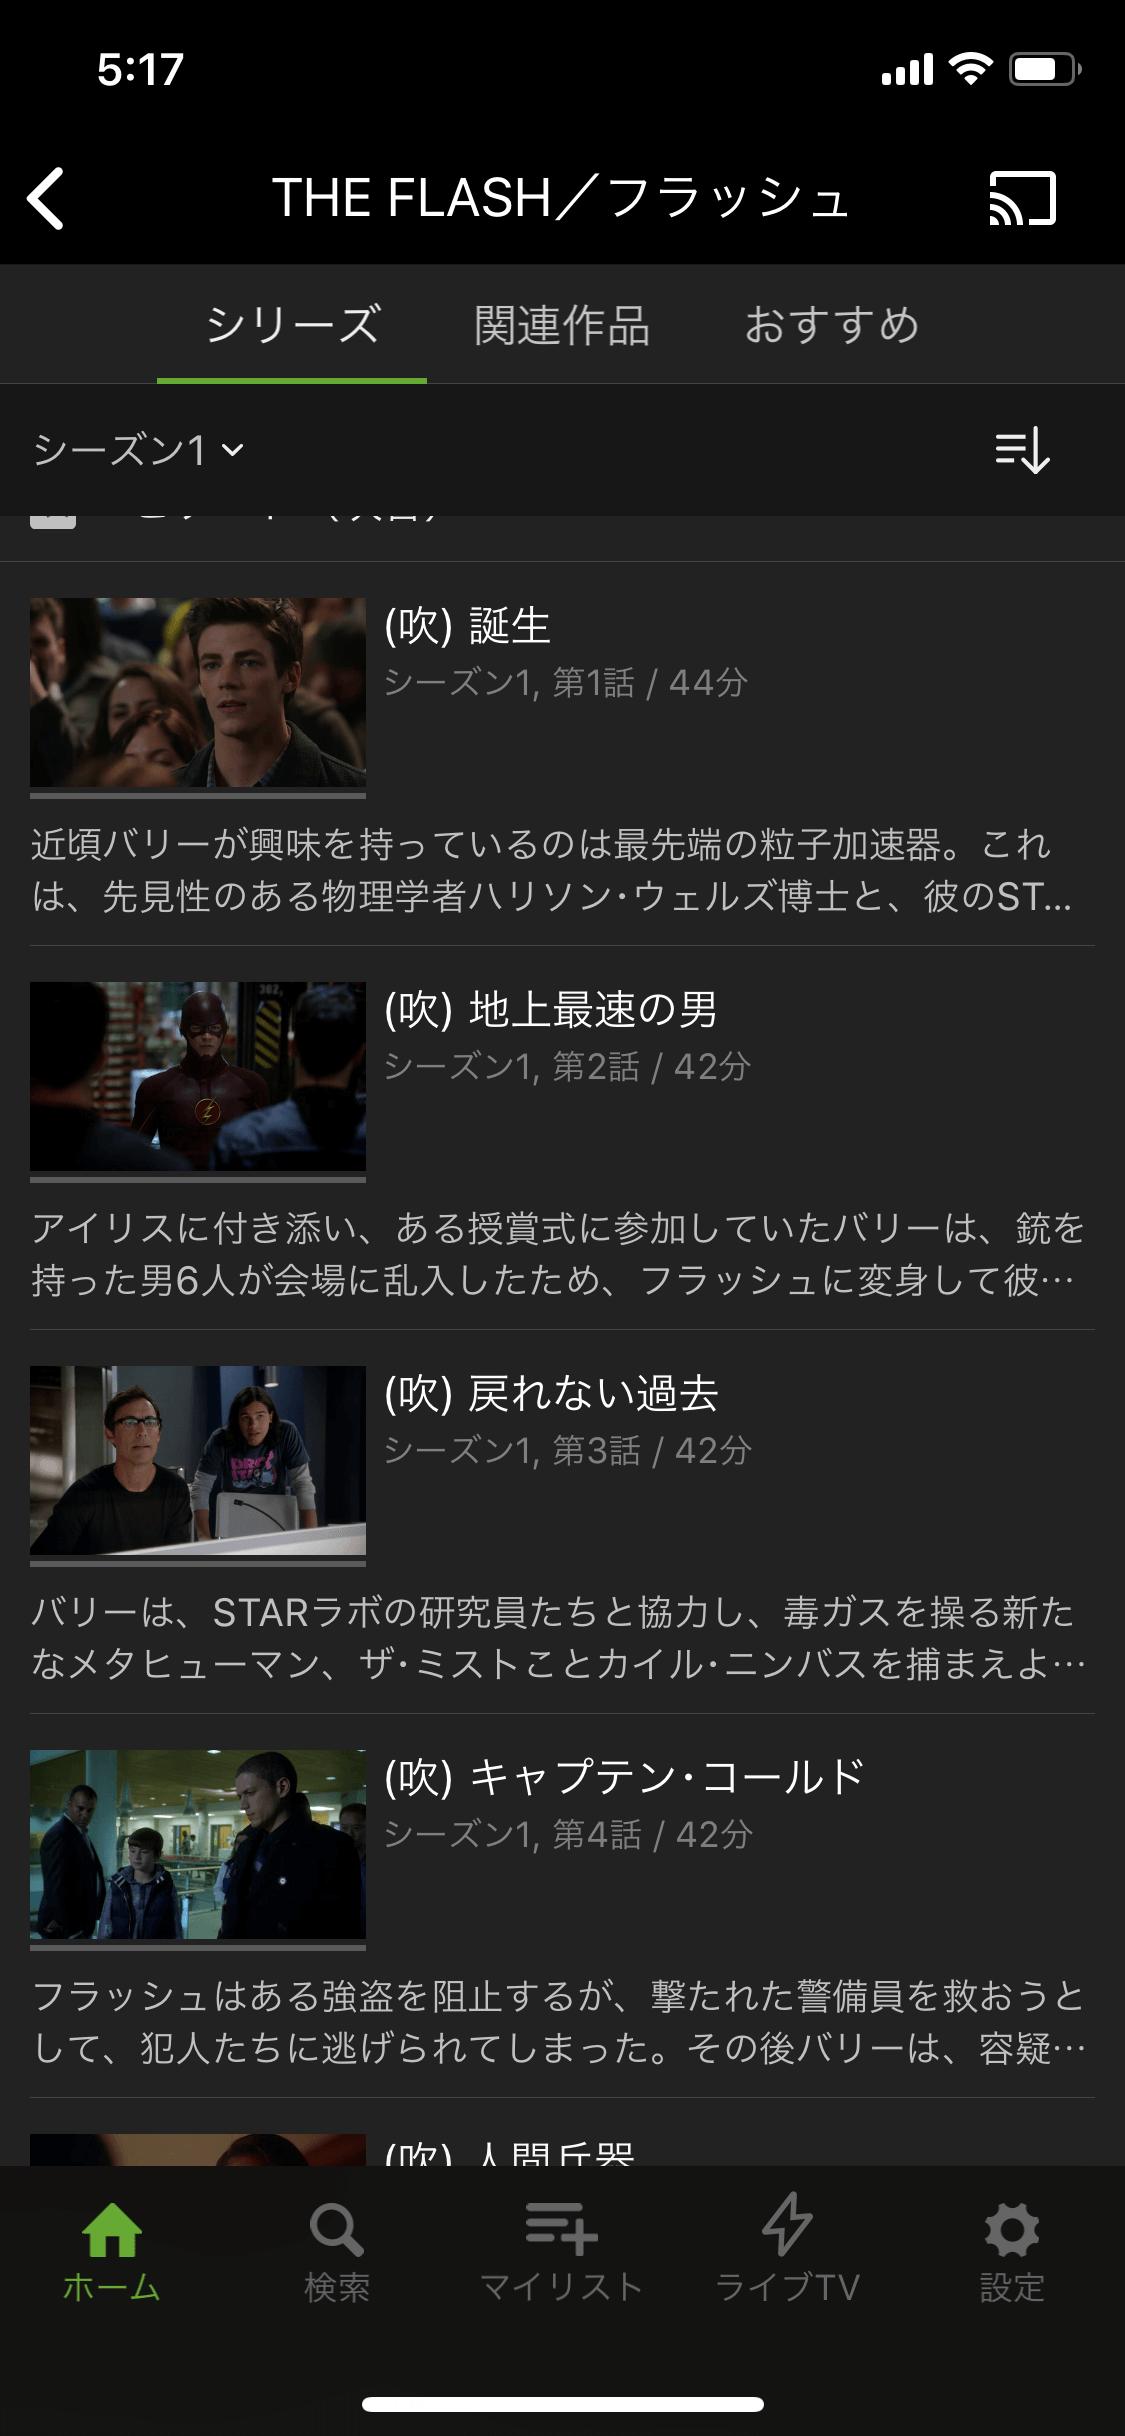 Huluでダウンロードできない作品